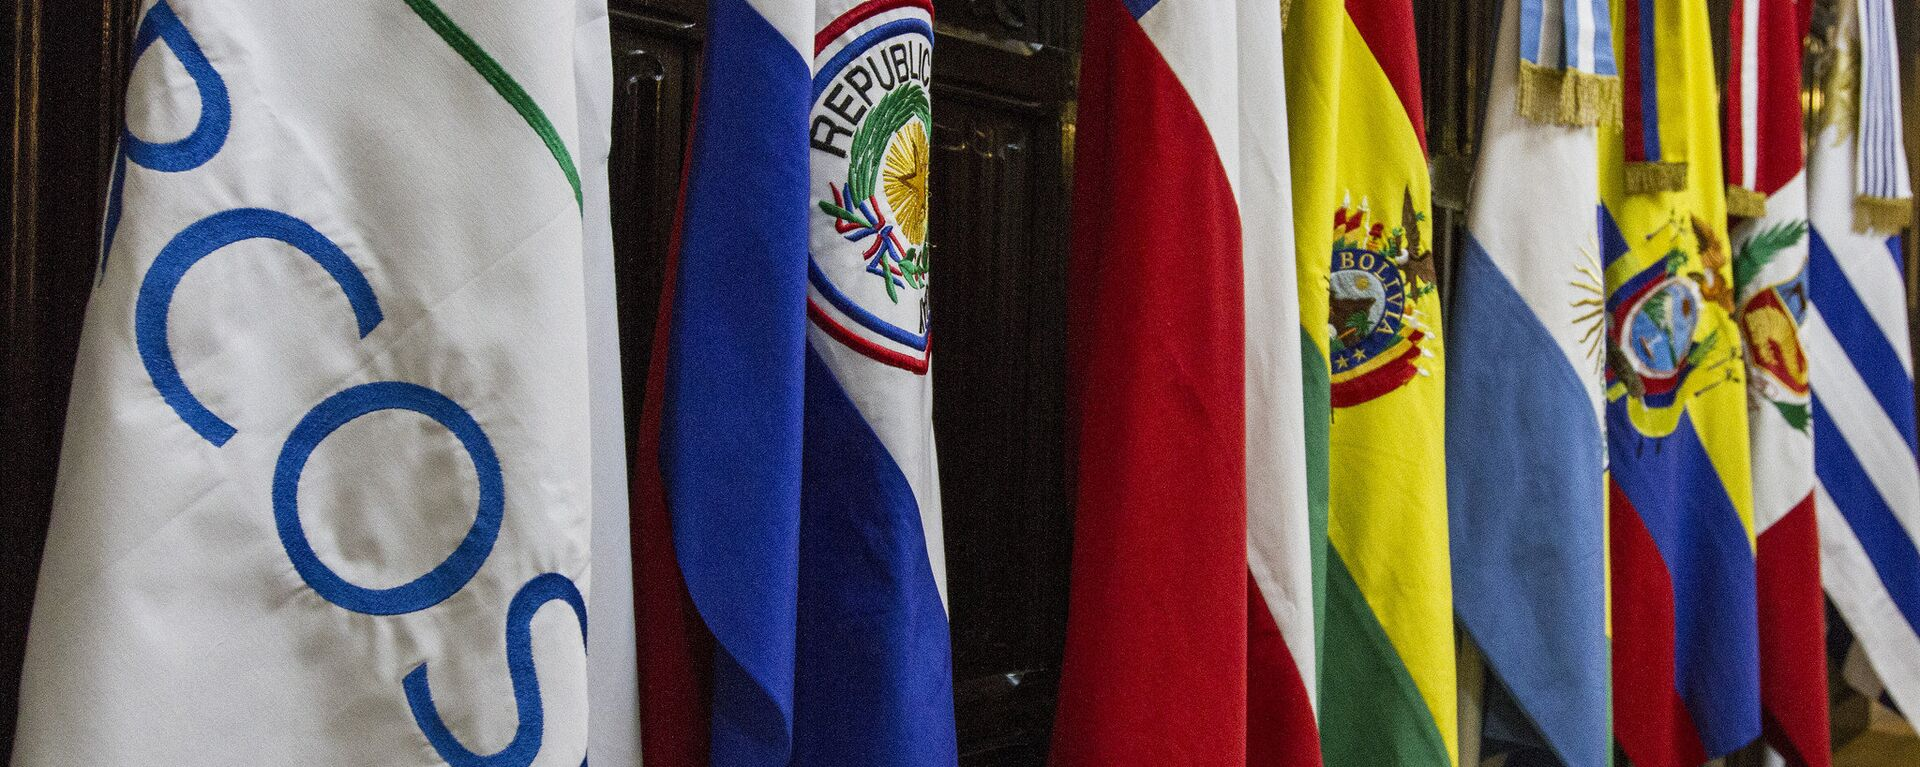 Banderas de los países miembros del Mercosur - Sputnik Mundo, 1920, 25.06.2021